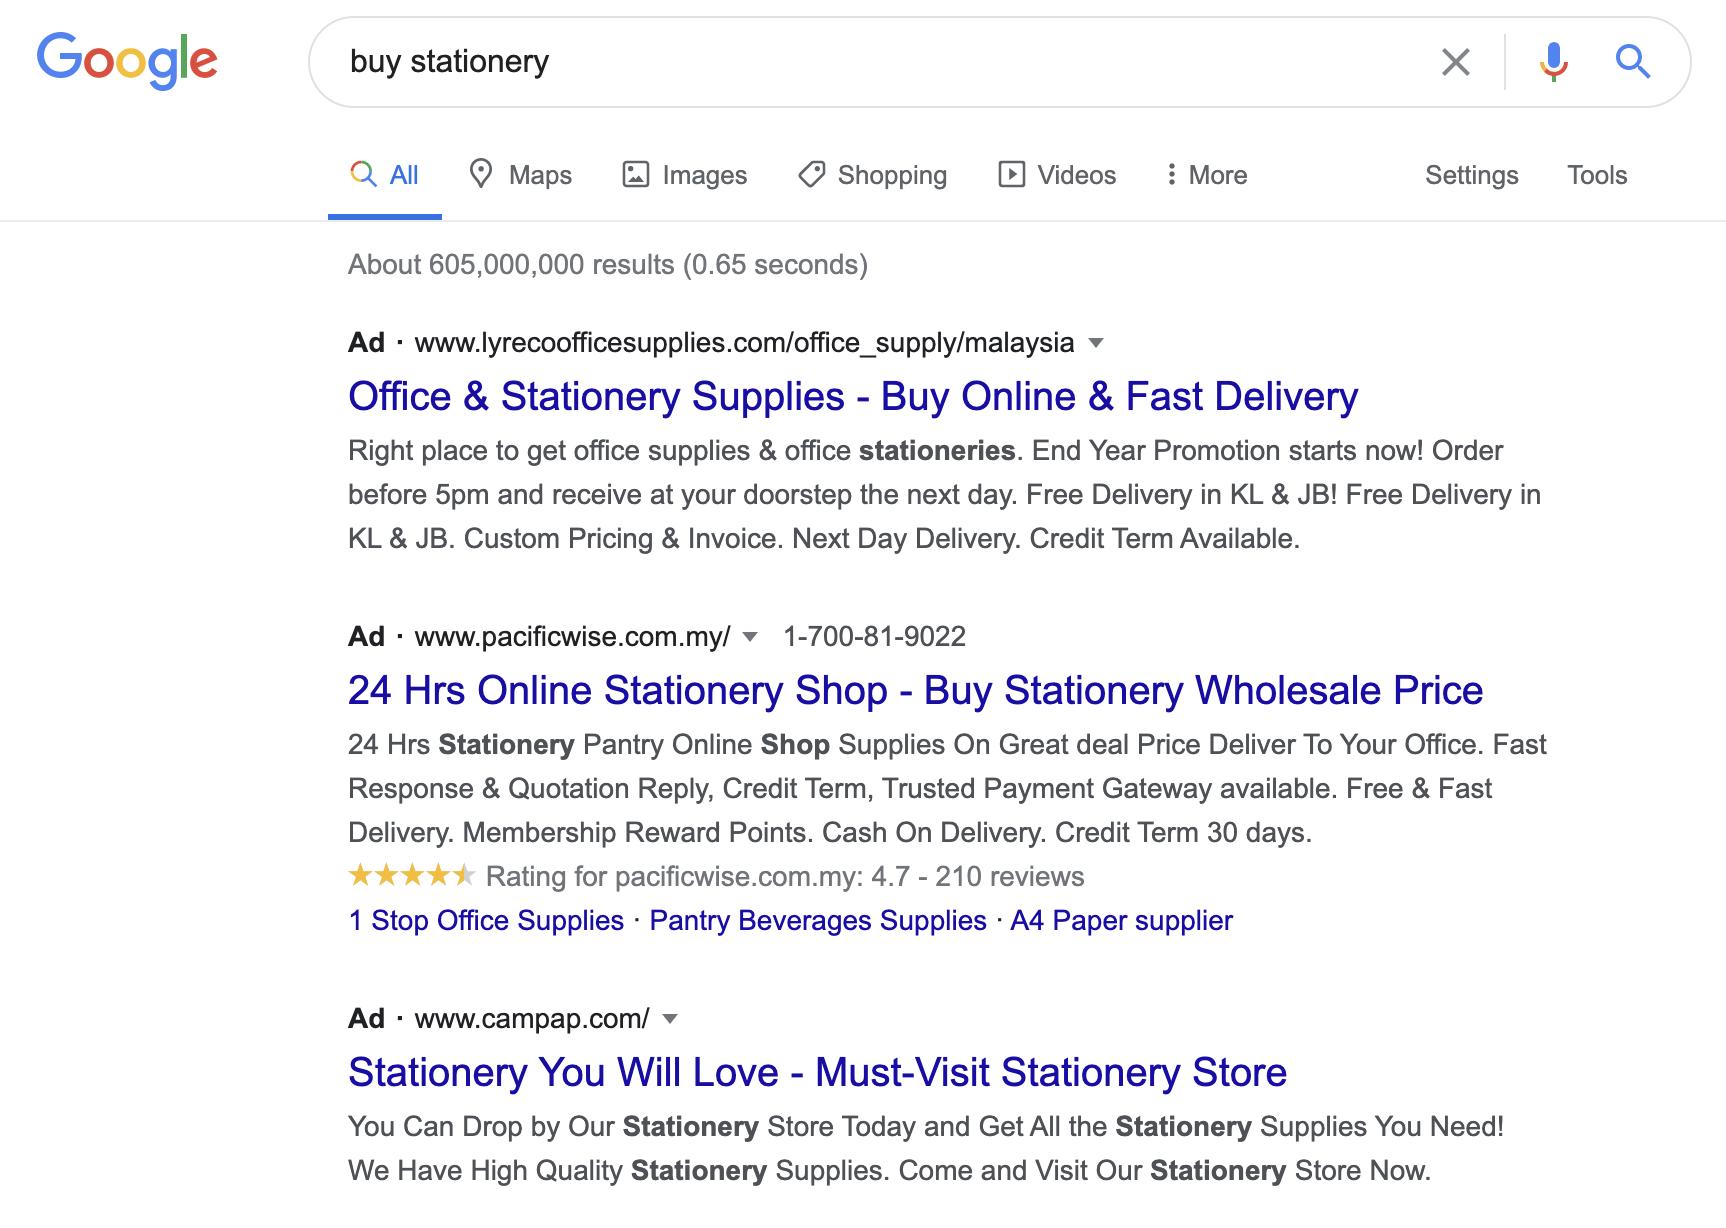 SEM: Buy Stationery